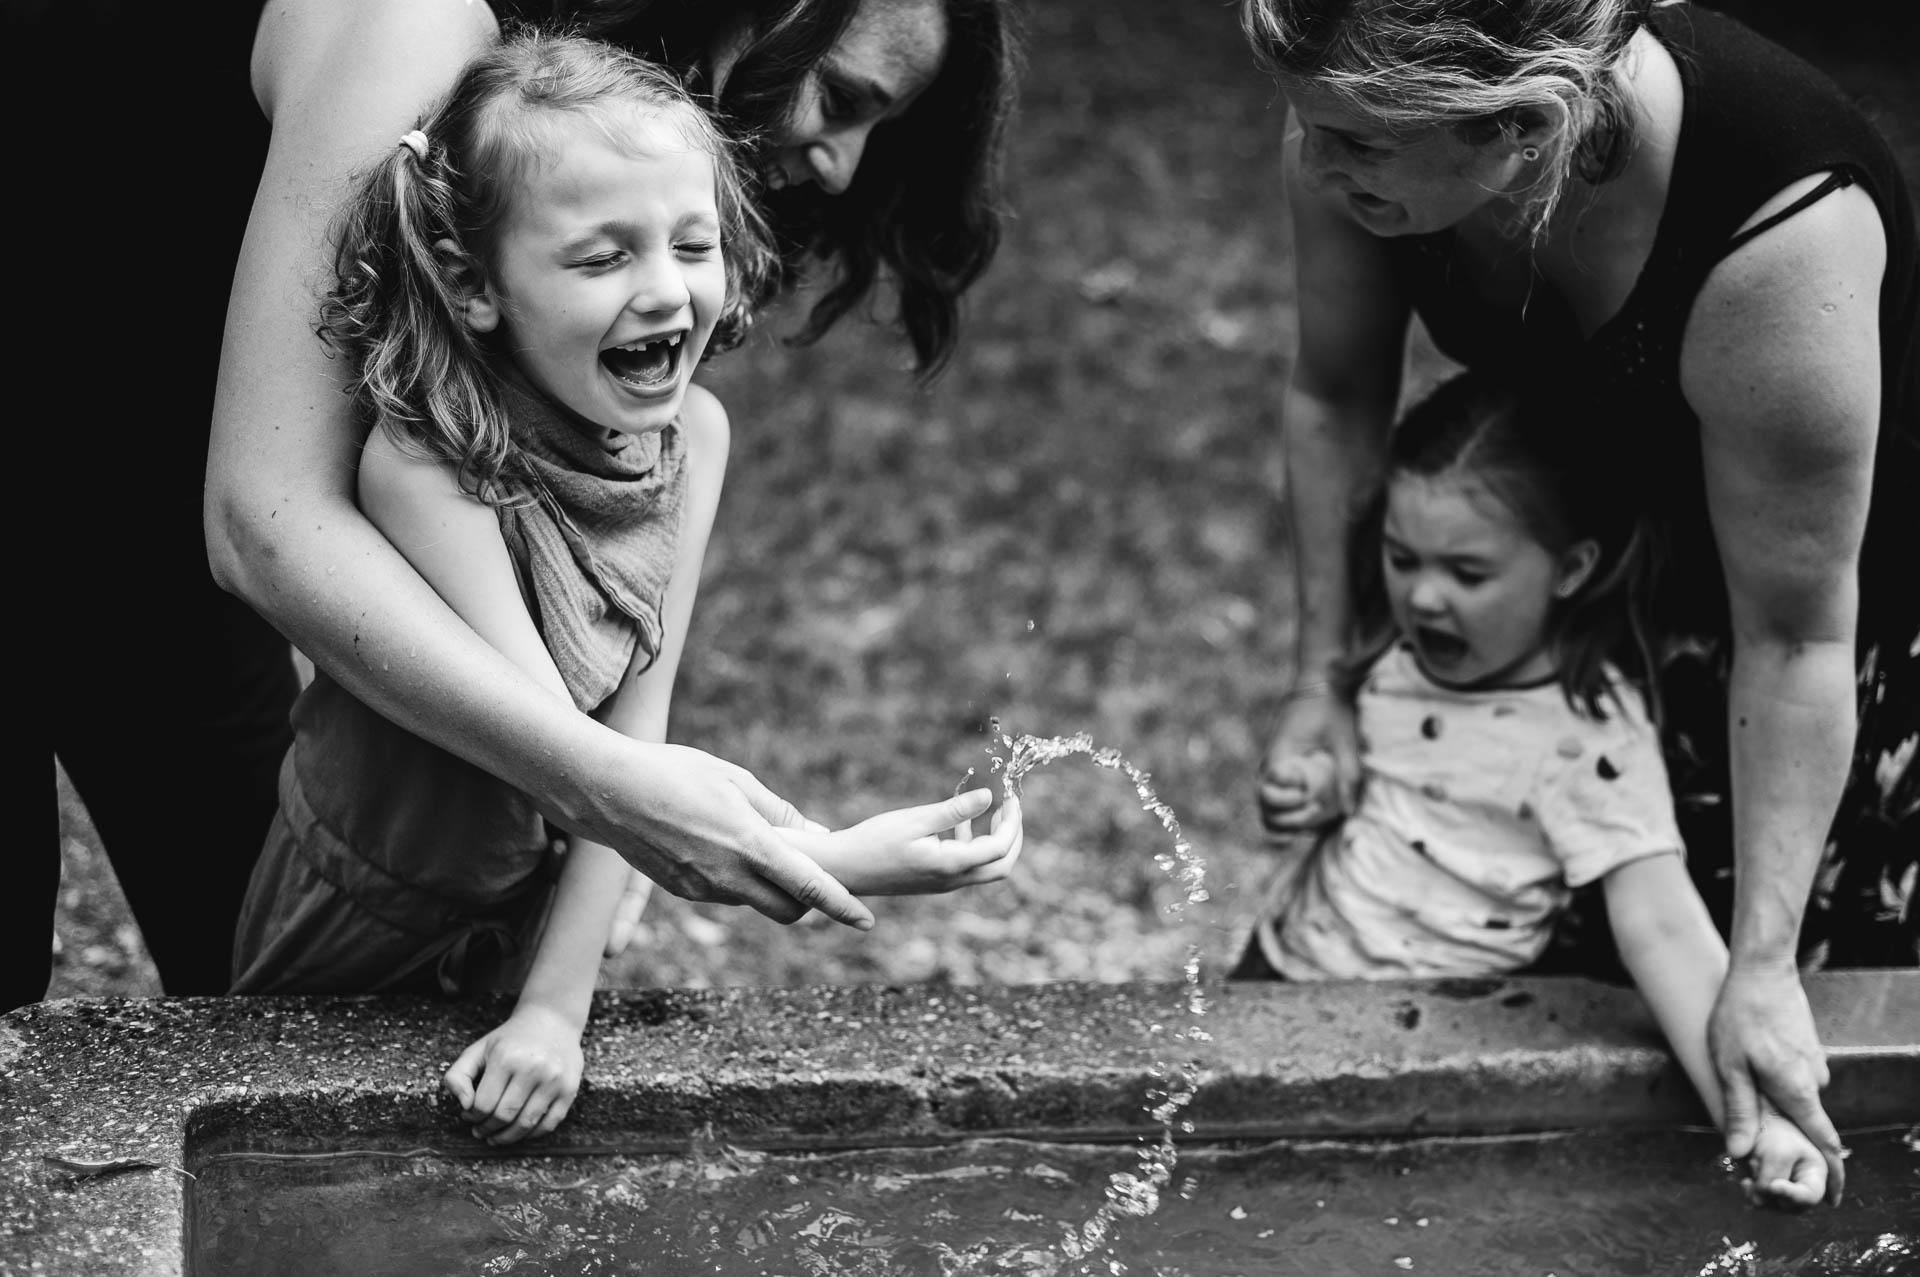 Zwei Mädchen mit Rett Syndrom und ihre Mütter spielen mit Wasser an einem Brunnen im Freien